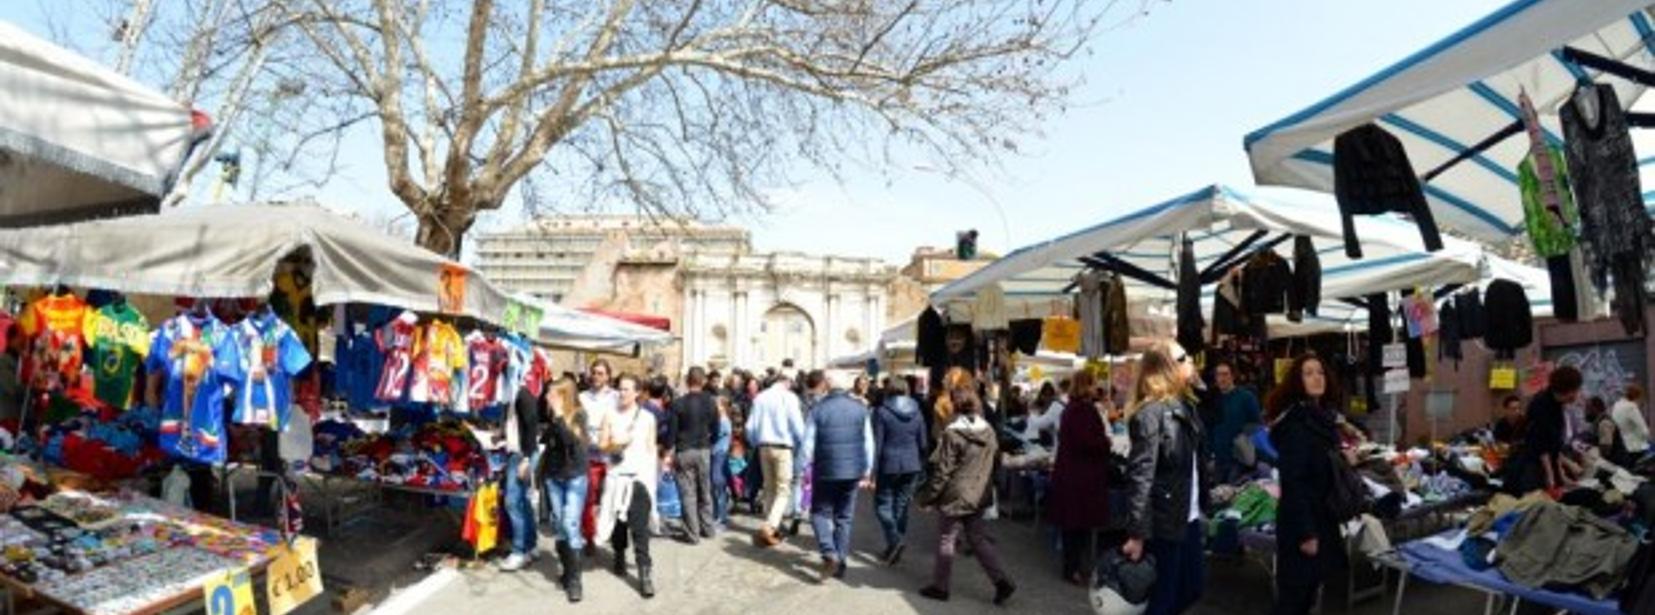 Mercato di porta portese rome mycityhighlight - Porta portese affitti appartamenti roma ...